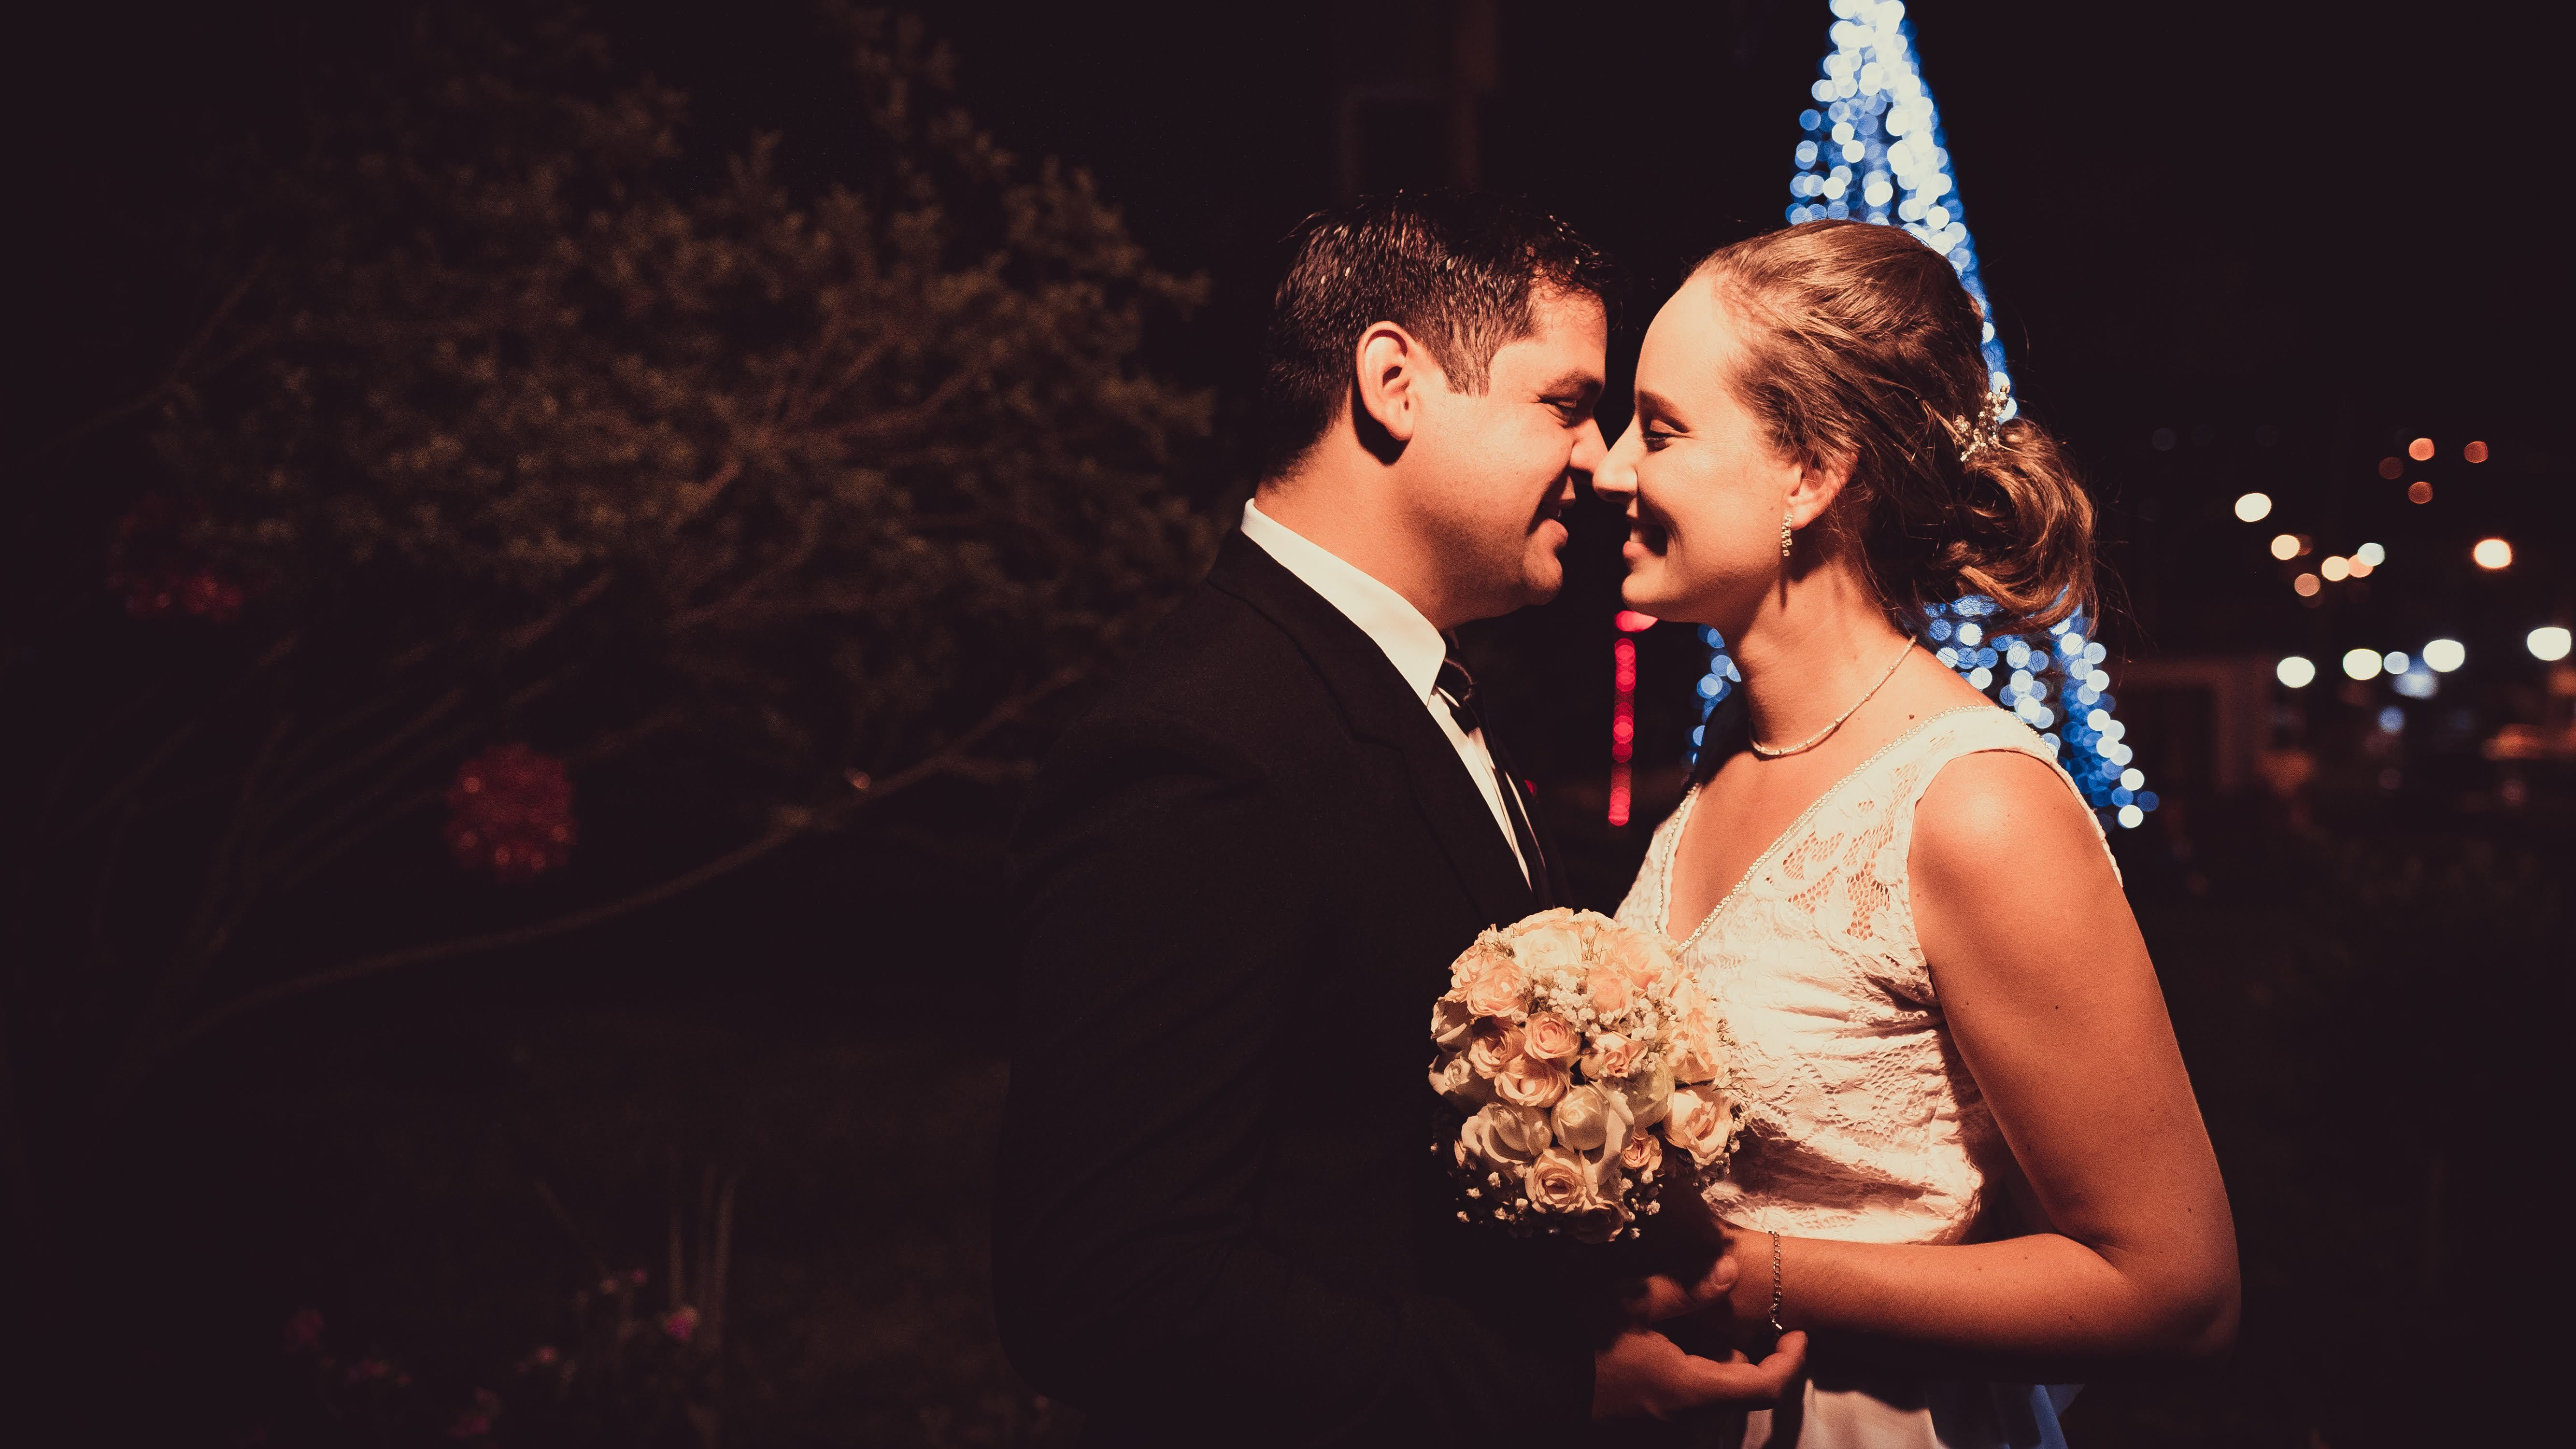 Contate Fotografo Elias Dias, casamientos, fiestas de 15 años, Andresito Misiones, sesiones de fotos